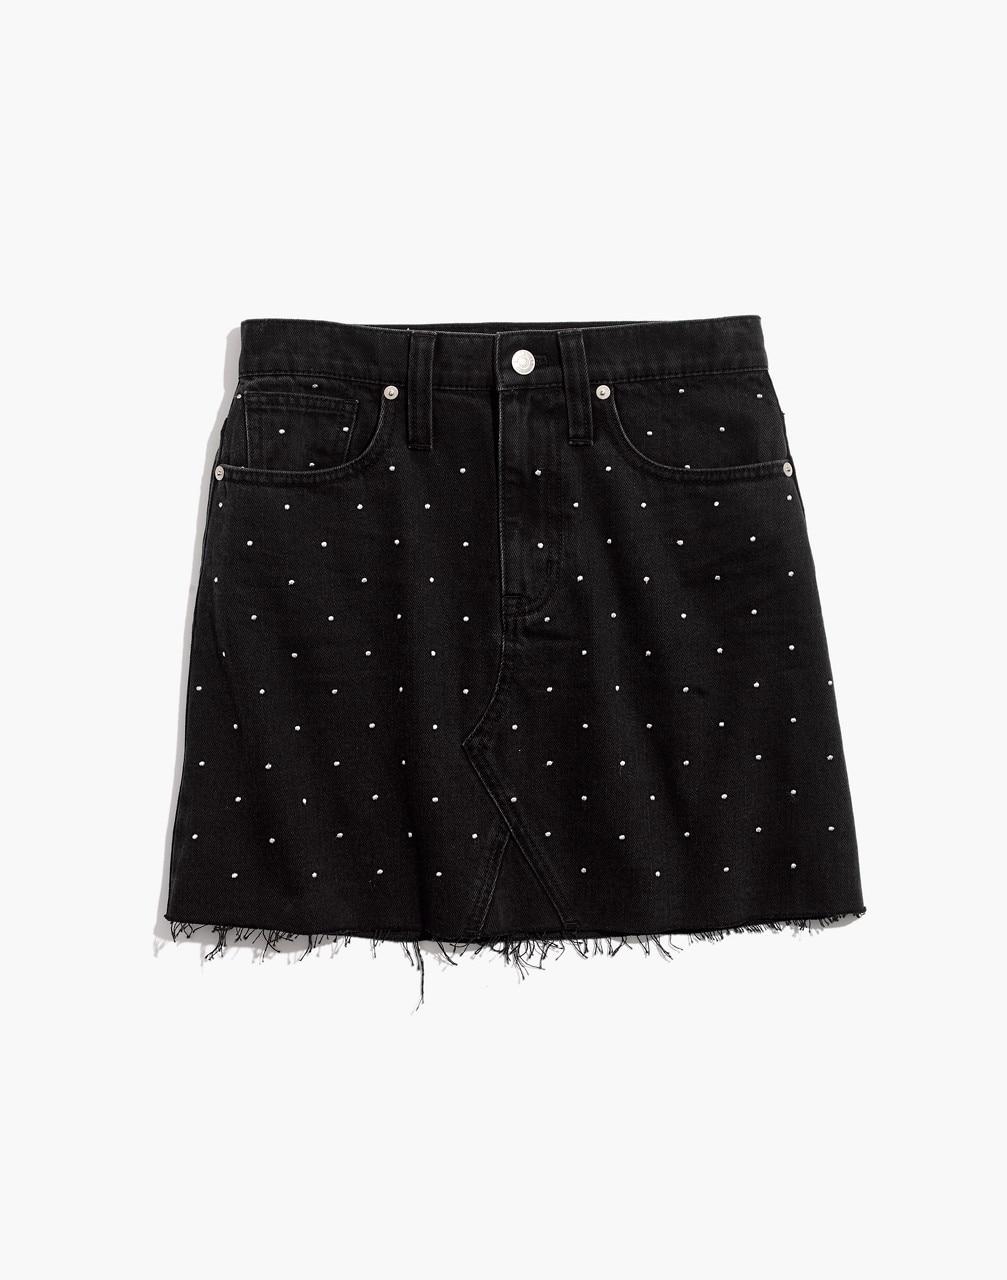 Rigid Denim A-Line Mini Skirt: Metallic Dots Edition